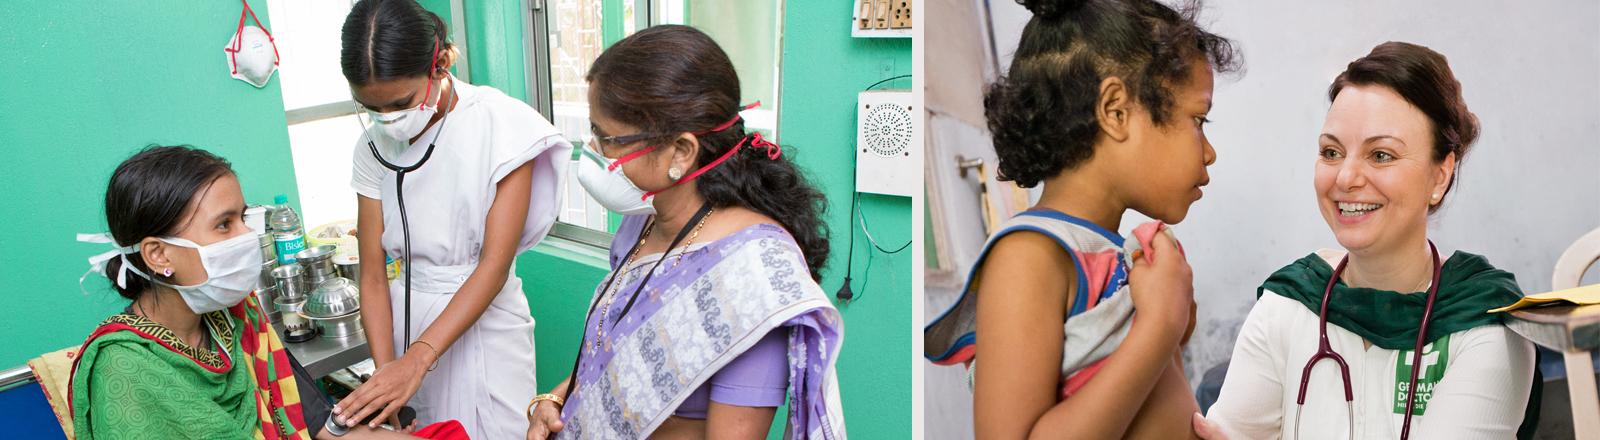 Nathalie Rans bei ihrer Arbeit in Kalkutta für German Doctors.